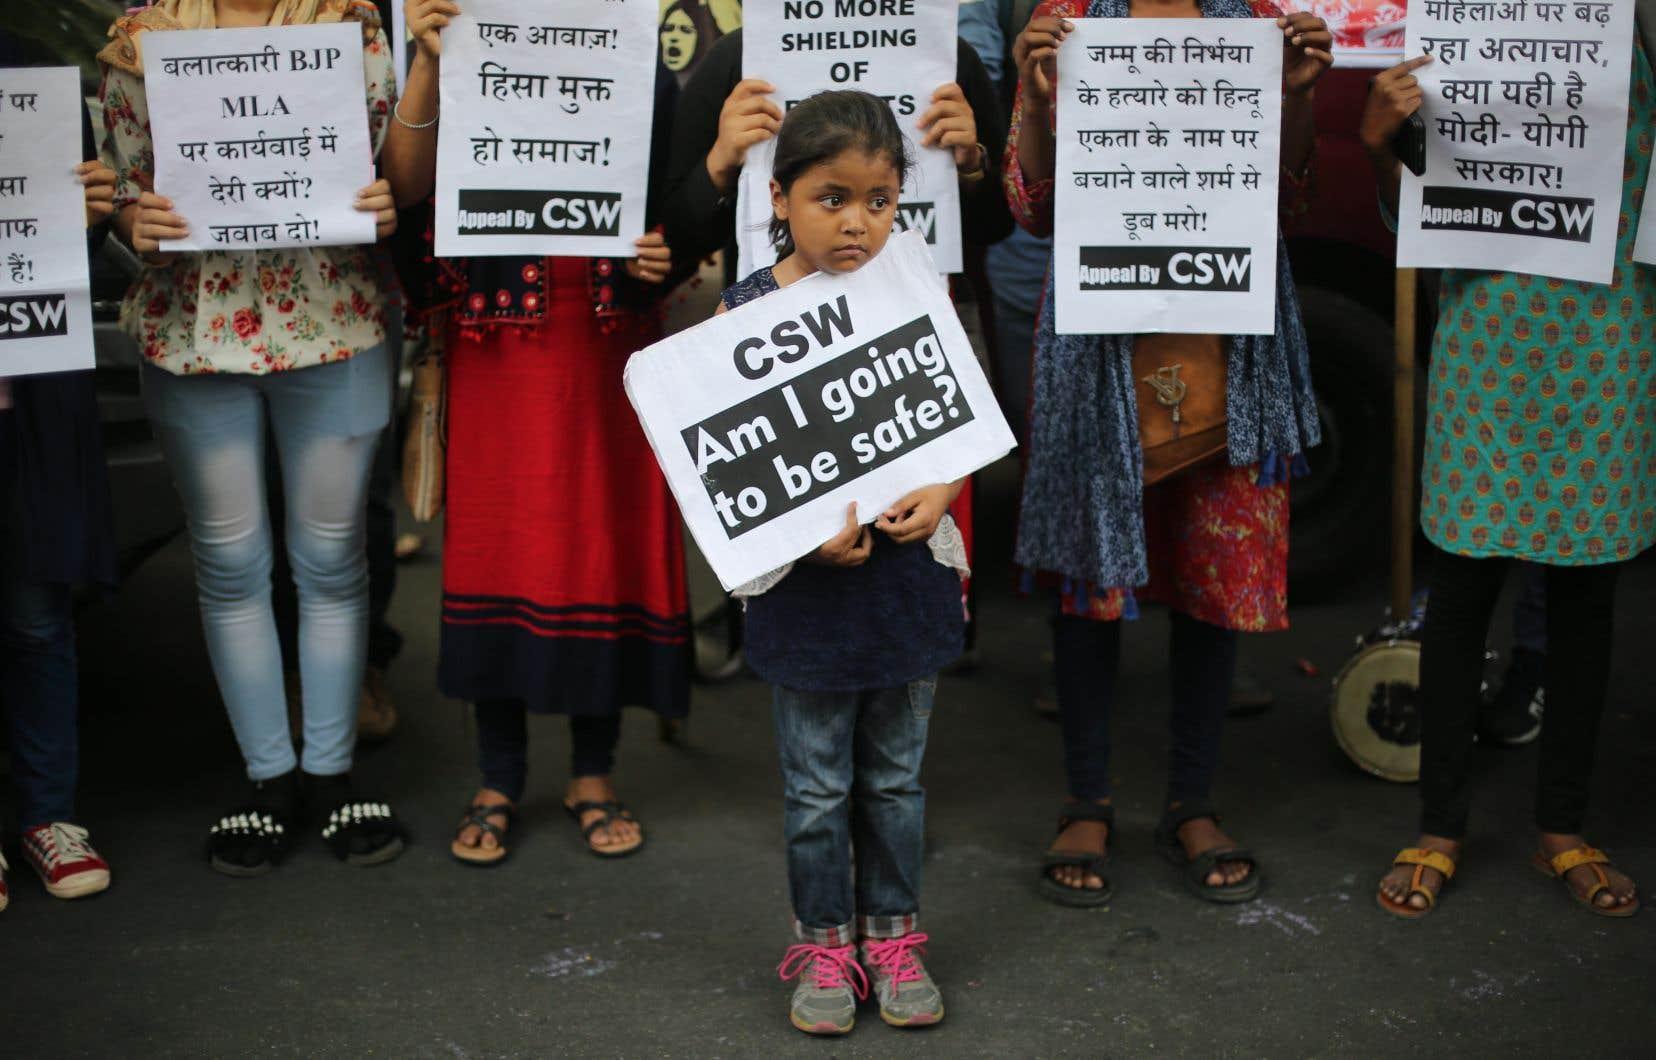 Brandissant des affiches et des pancartes, les manifestantes et manifestants ont marché à New Delhi, Mumbai et d'autres villes, demandant au gouvernement indien la traduction rapide en justice de suspects de viols.